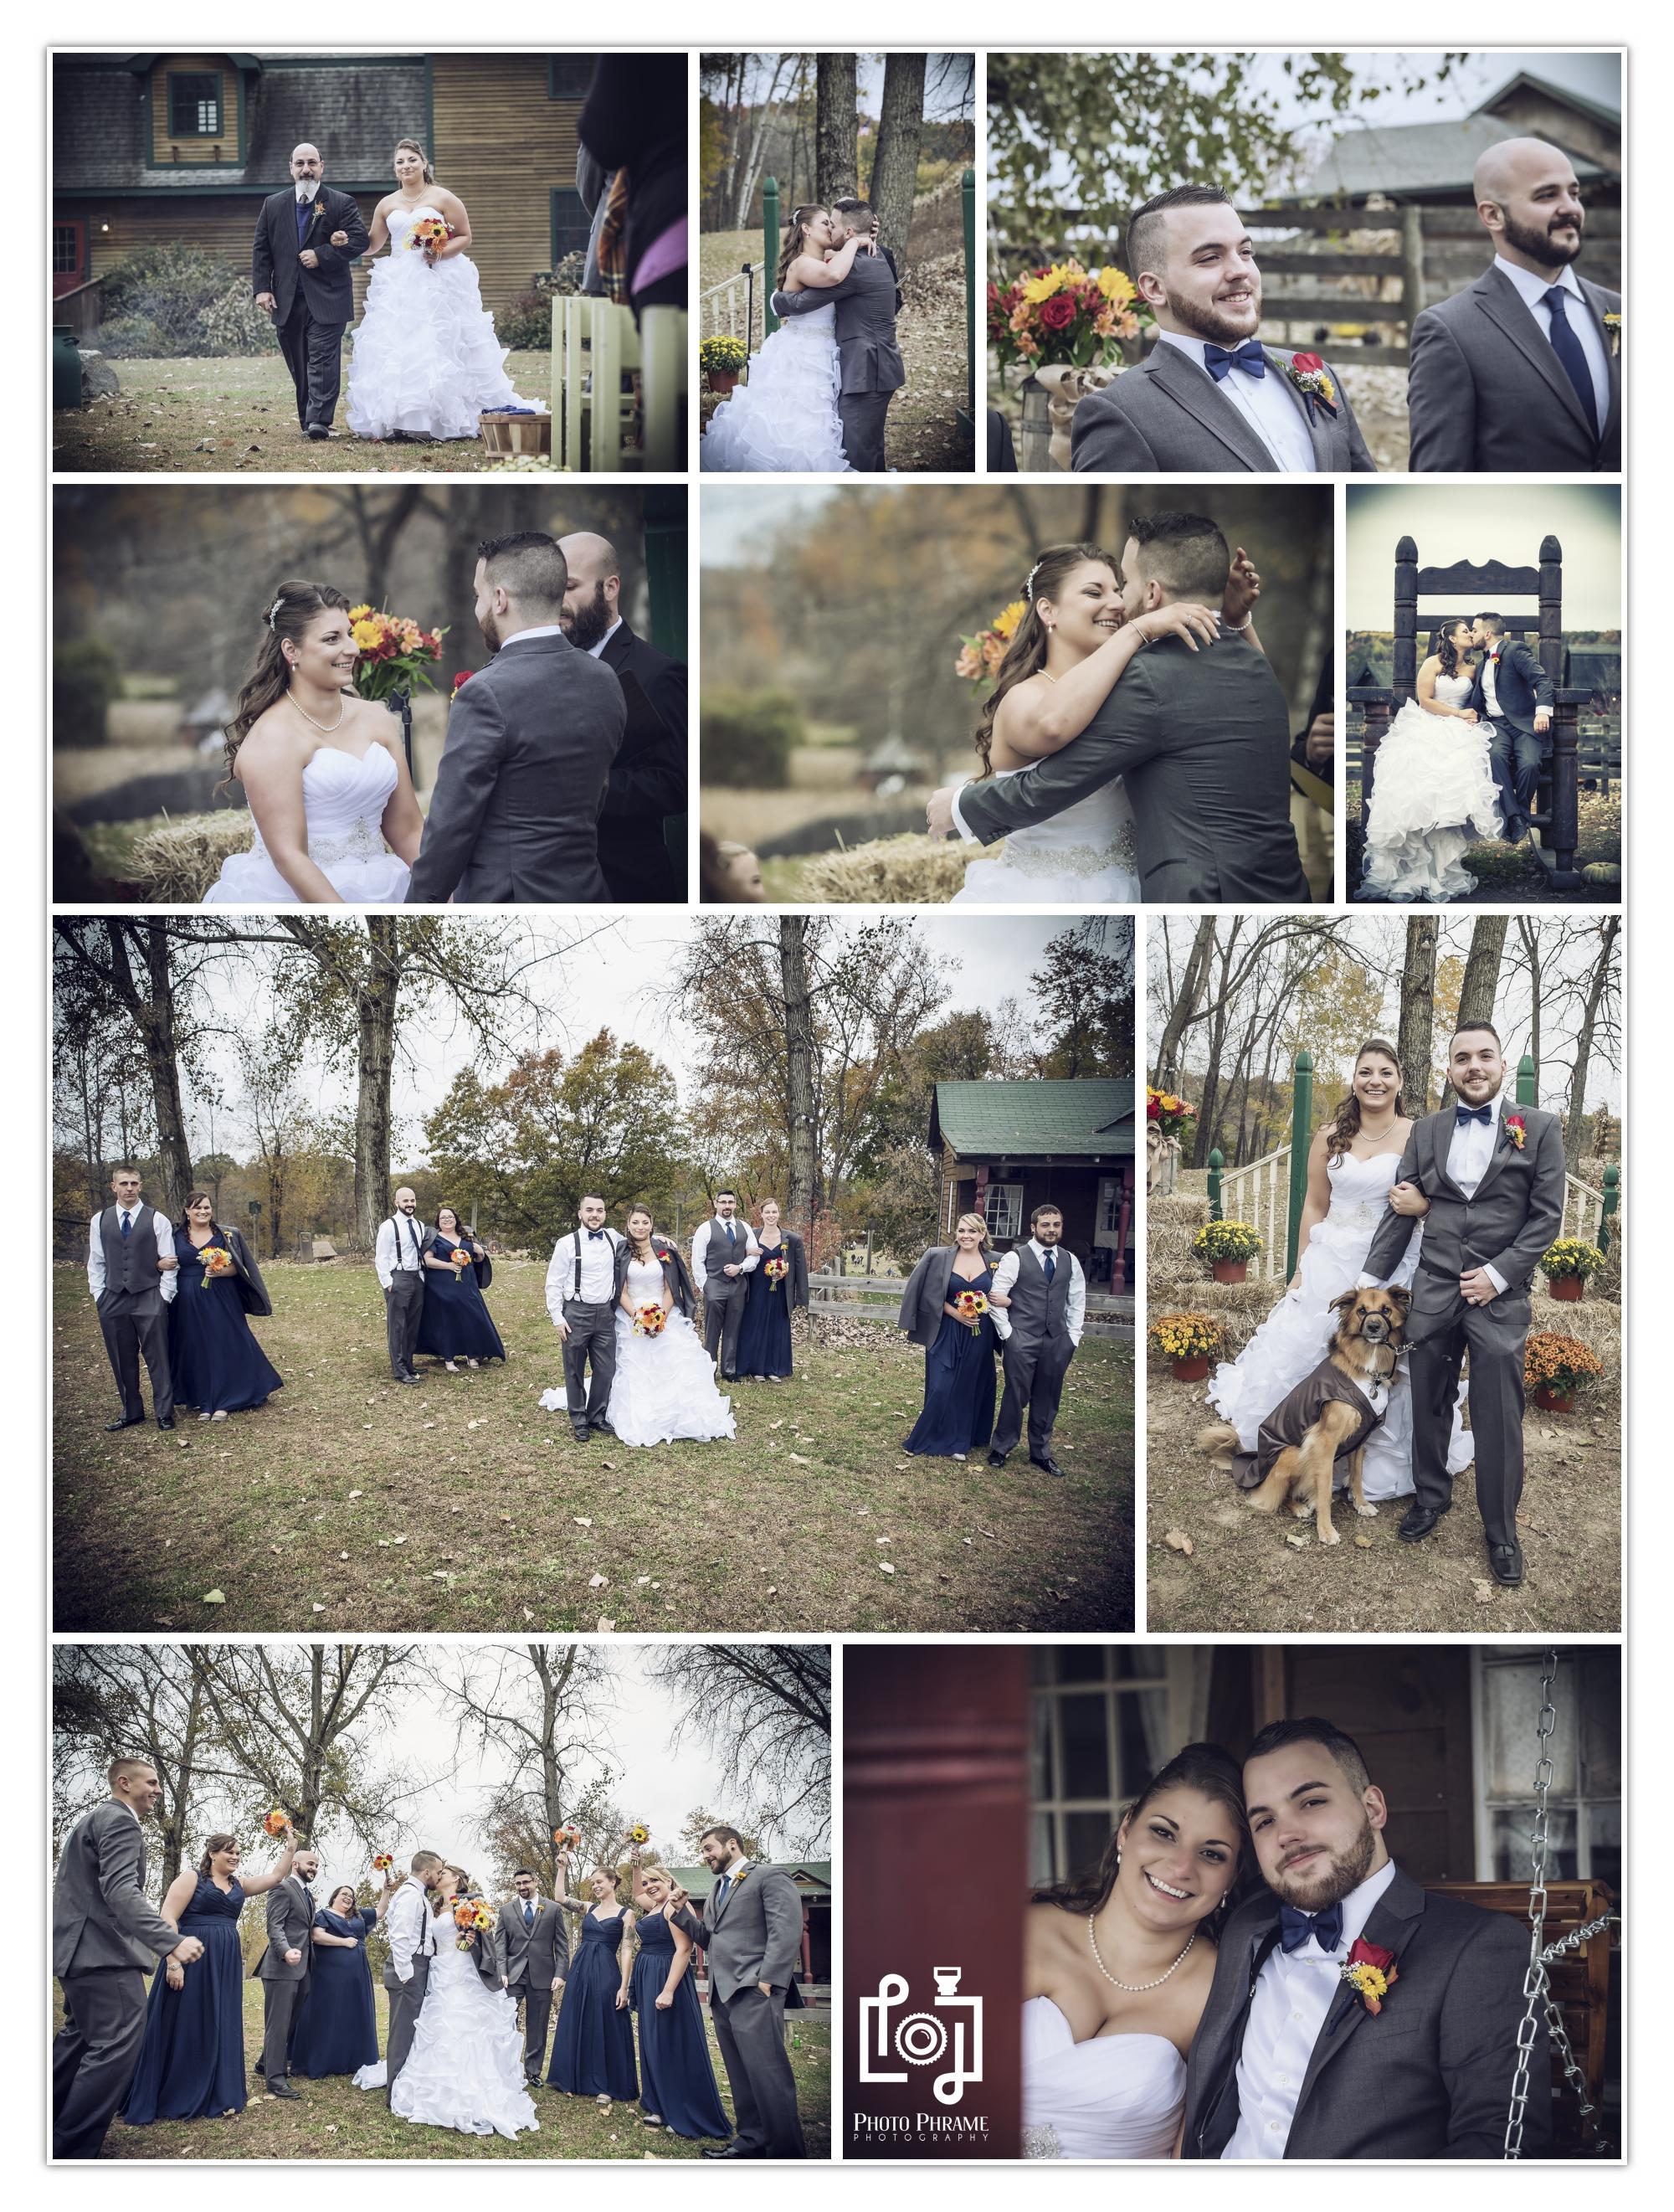 Best Wedding Photography, Latham, NY